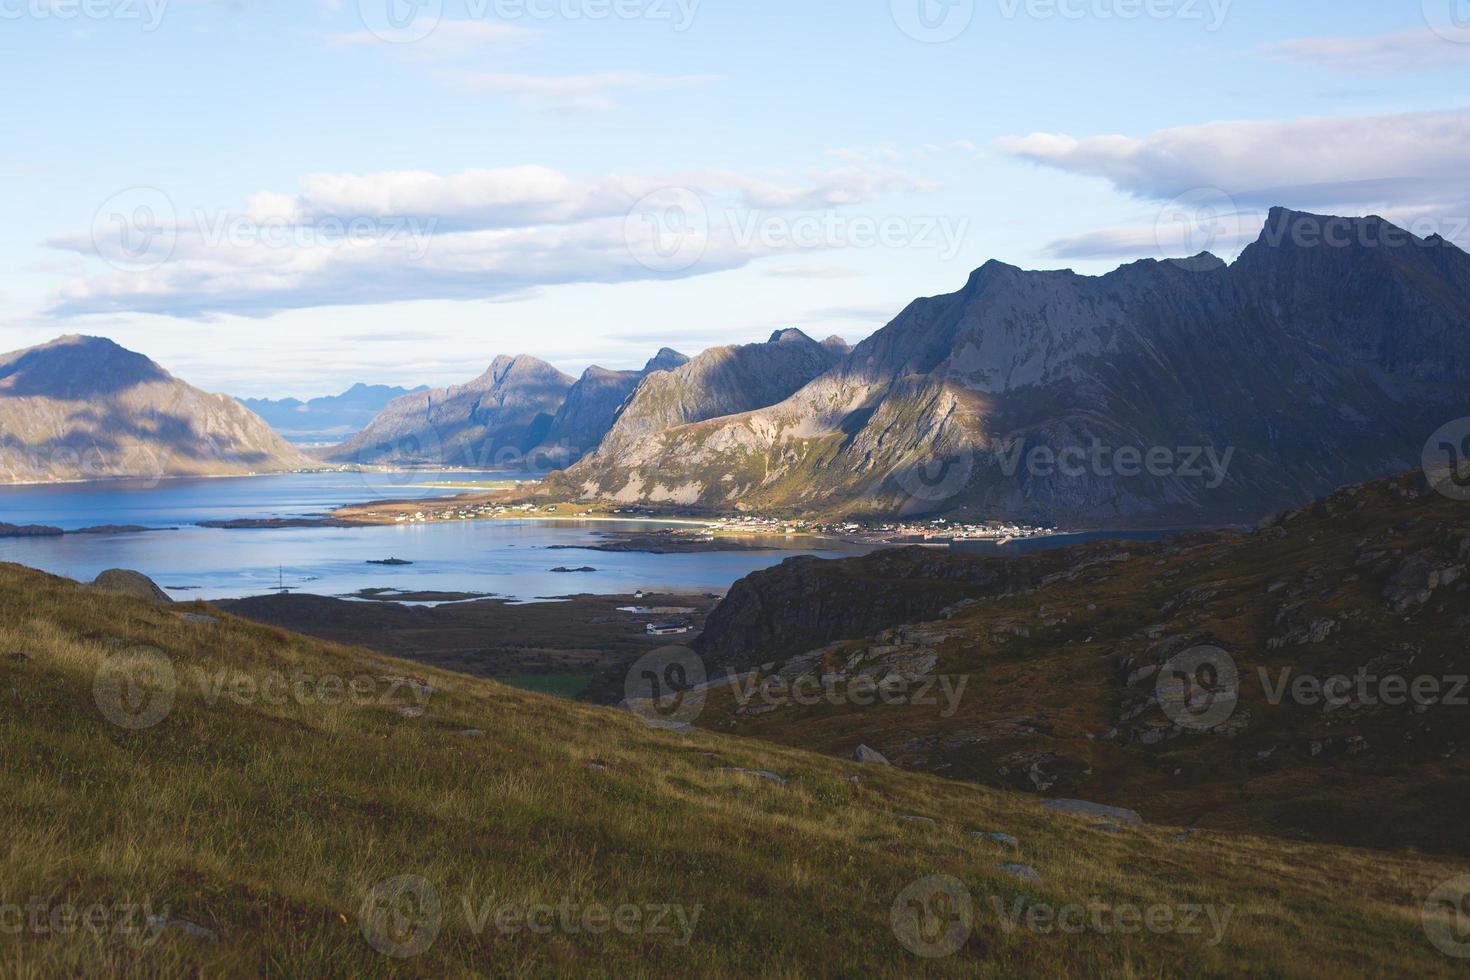 zomer Noorse landschap met uitzicht Ryten Peak, Lofoten eilanden, Nordland foto